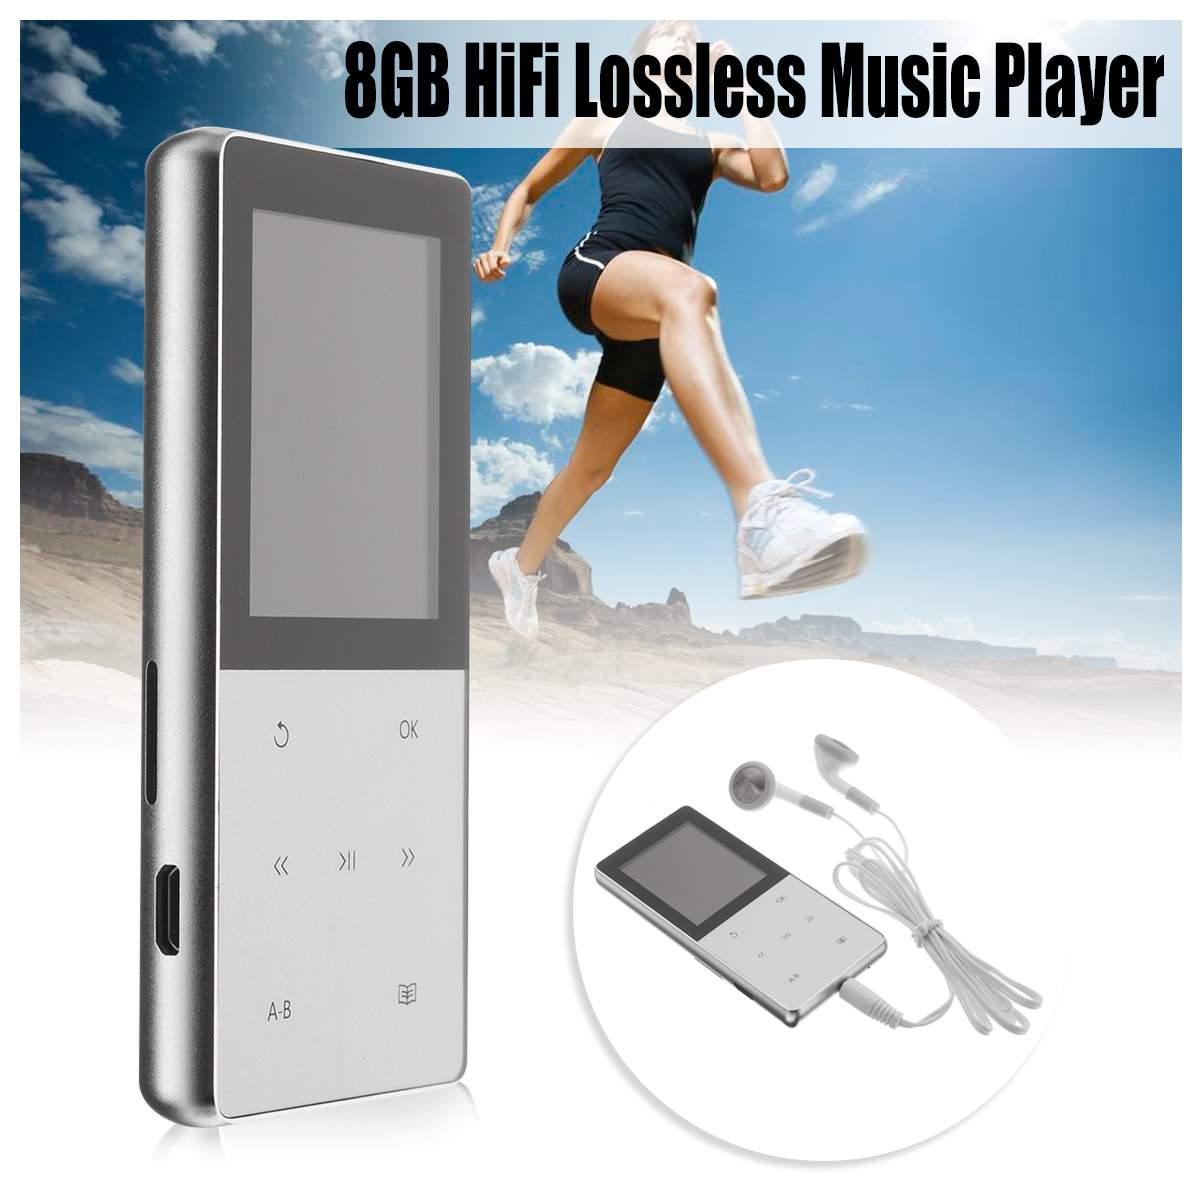 1.8 pouces bluetooth Sport lecteur MP3 HiFi lecteur de musique sans perte Audio Portable 8 GB A6 TFT LED HiFi écran FM USB SD avec écouteurs